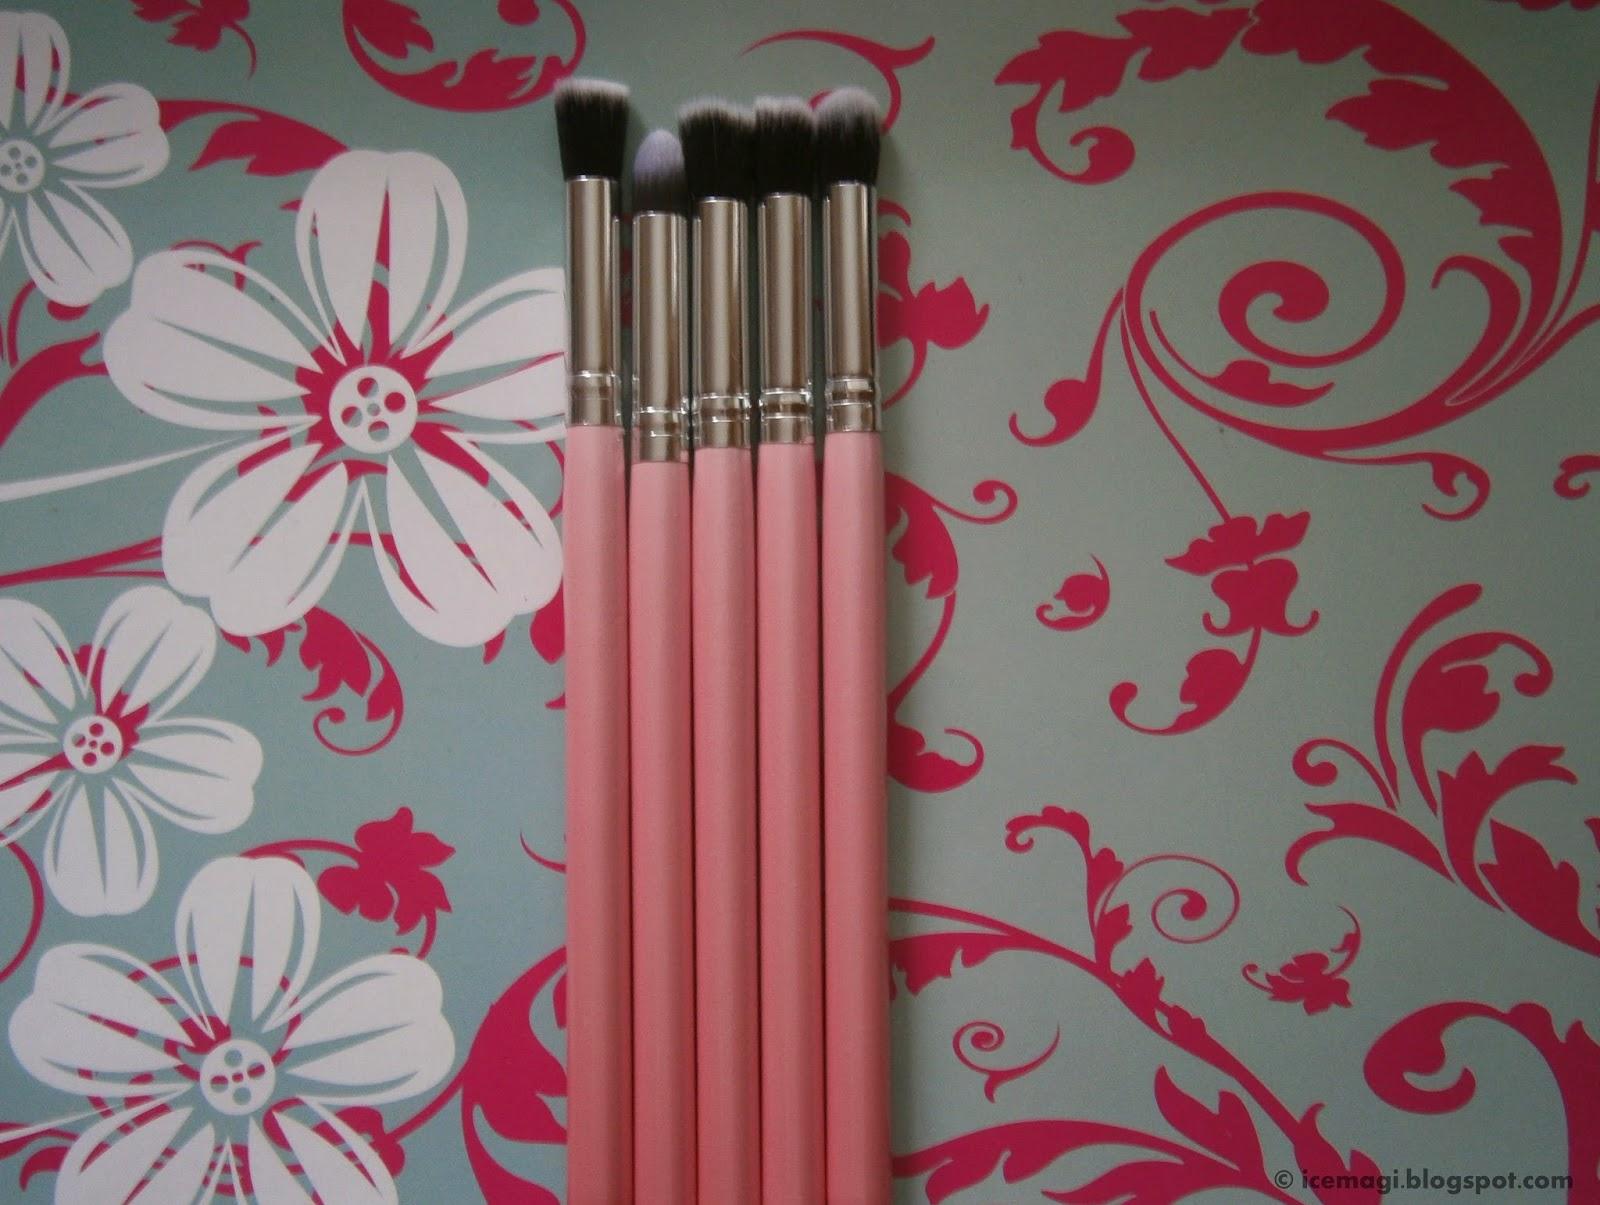 sigma eye brushes